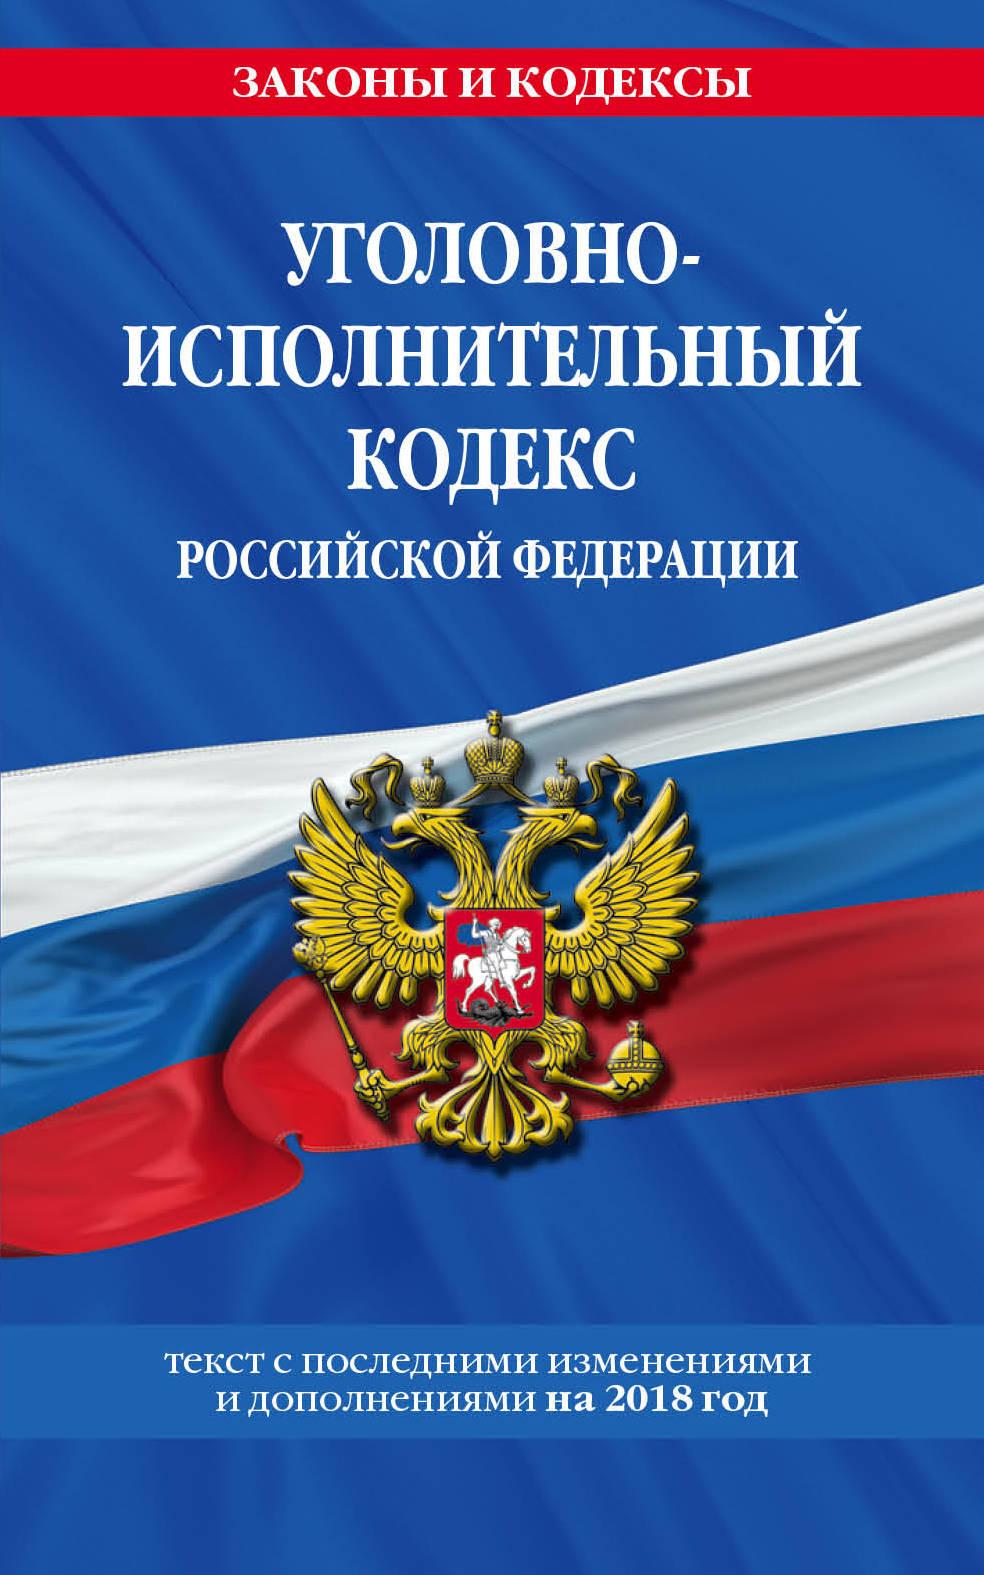 Уголовно-исполнительный кодекс Российской Федерации. Текст с последними изменениями и дополнениями на 2018 год